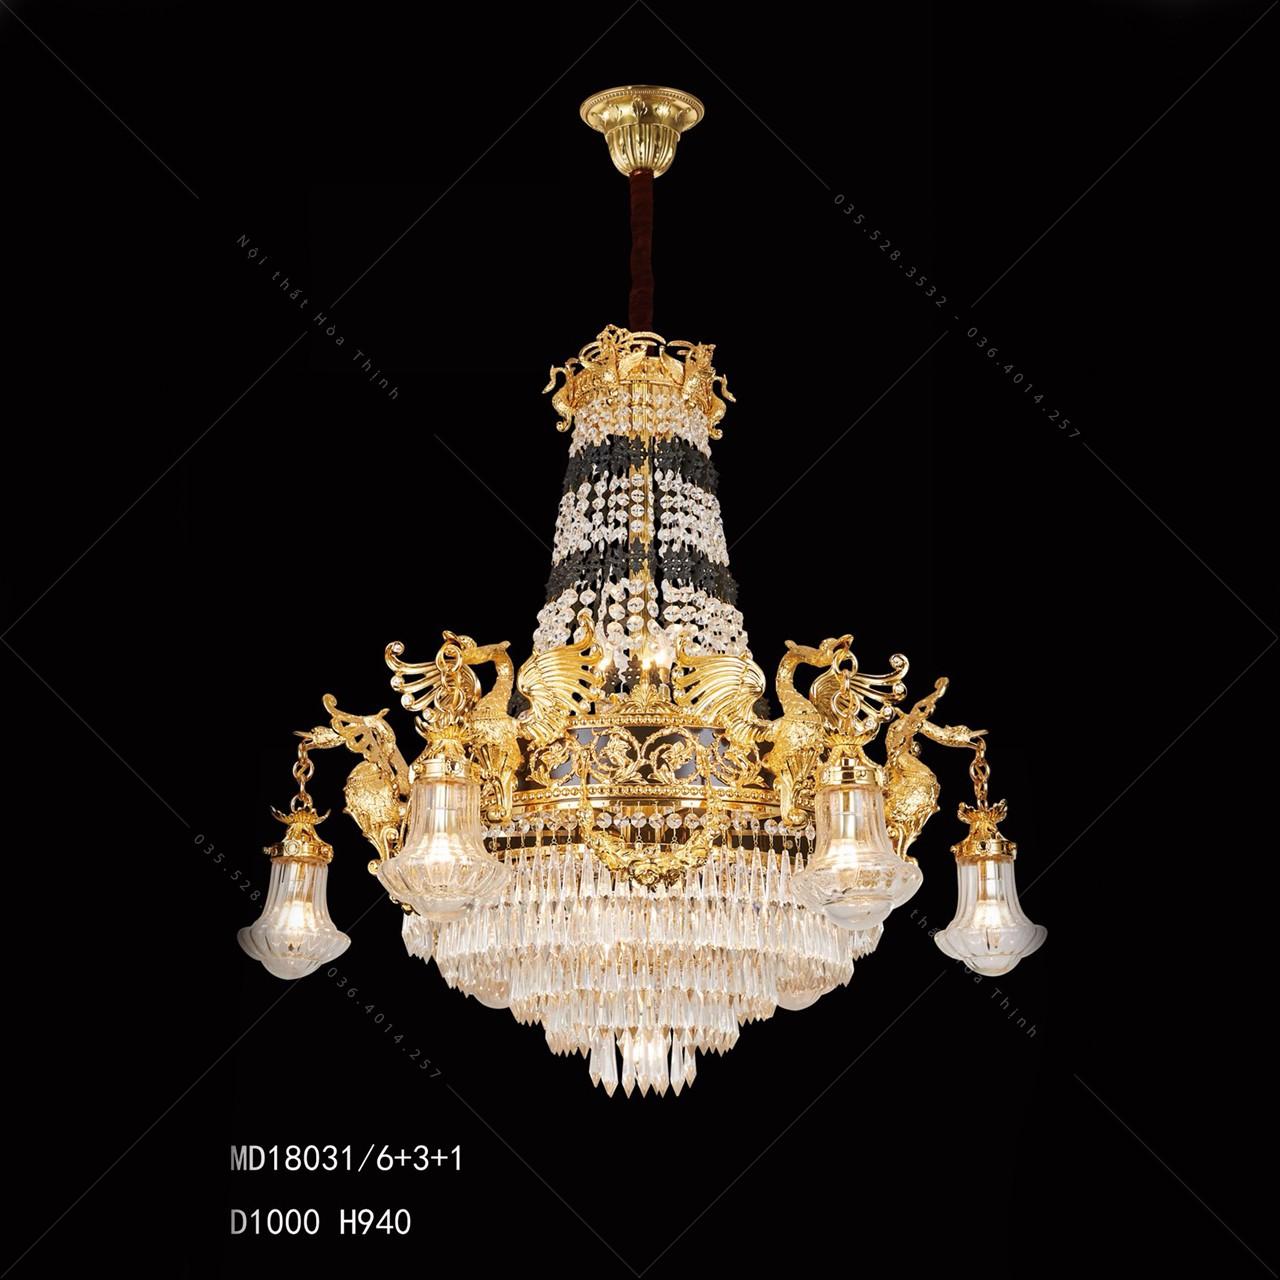 đèn trang trí tết